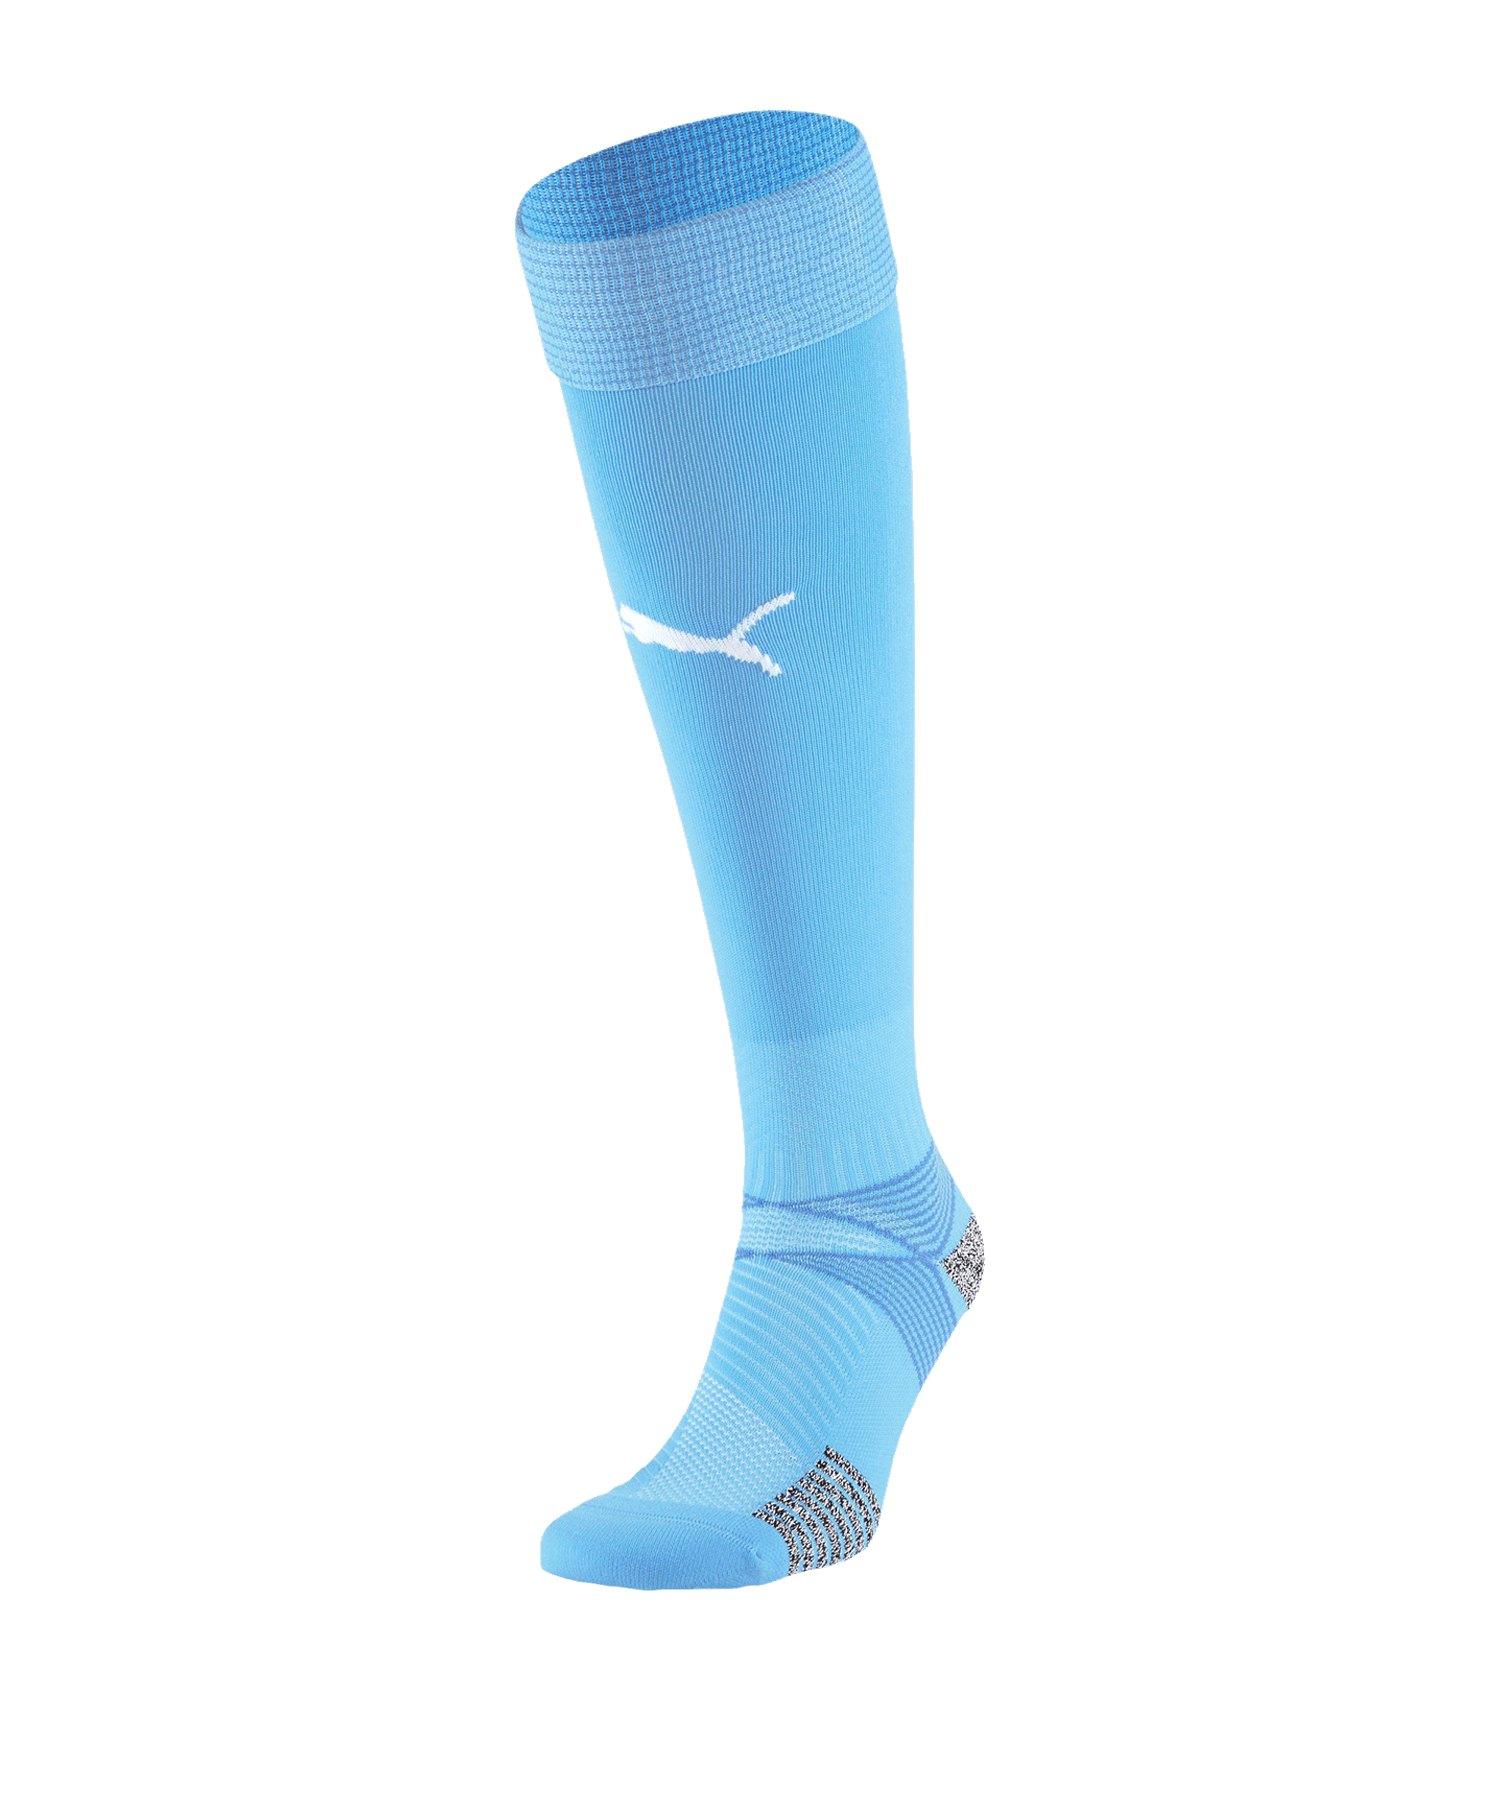 Puma teamFINAL 21 Socks Stutzenstrümpfe F18 - blau